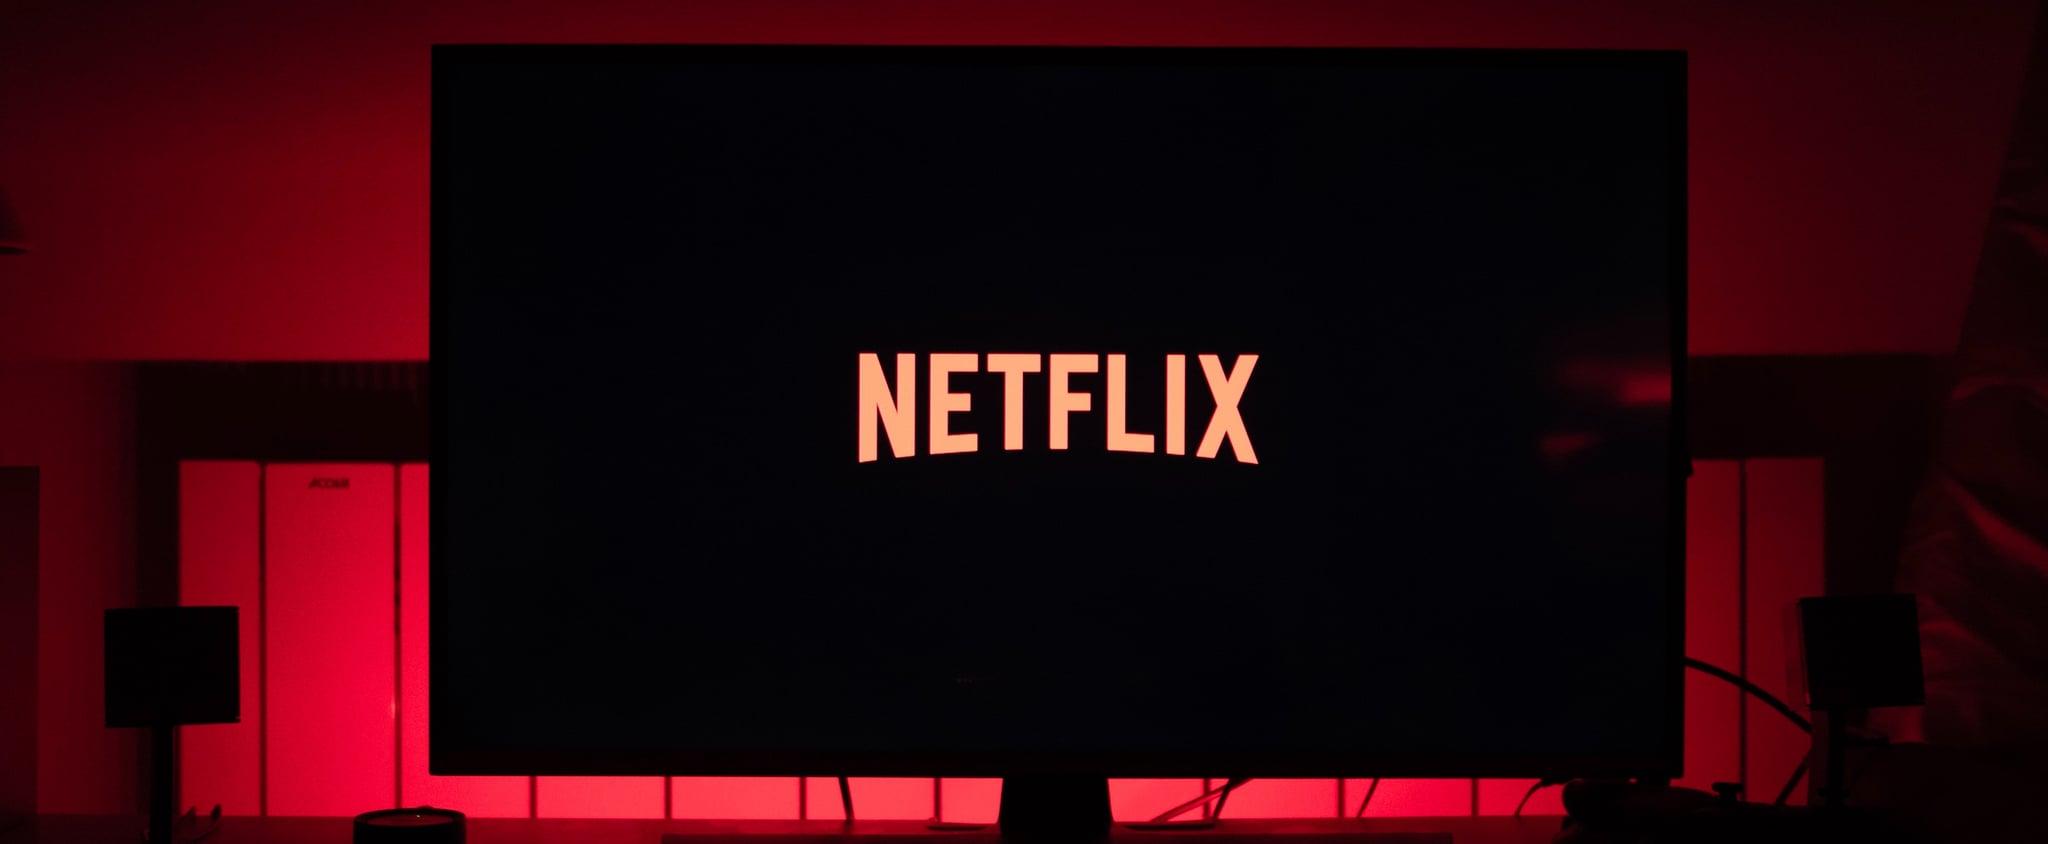 نتفليكس تختبر خاصية جديدة لمشاهدة الفيديوهات على منصتها 2019